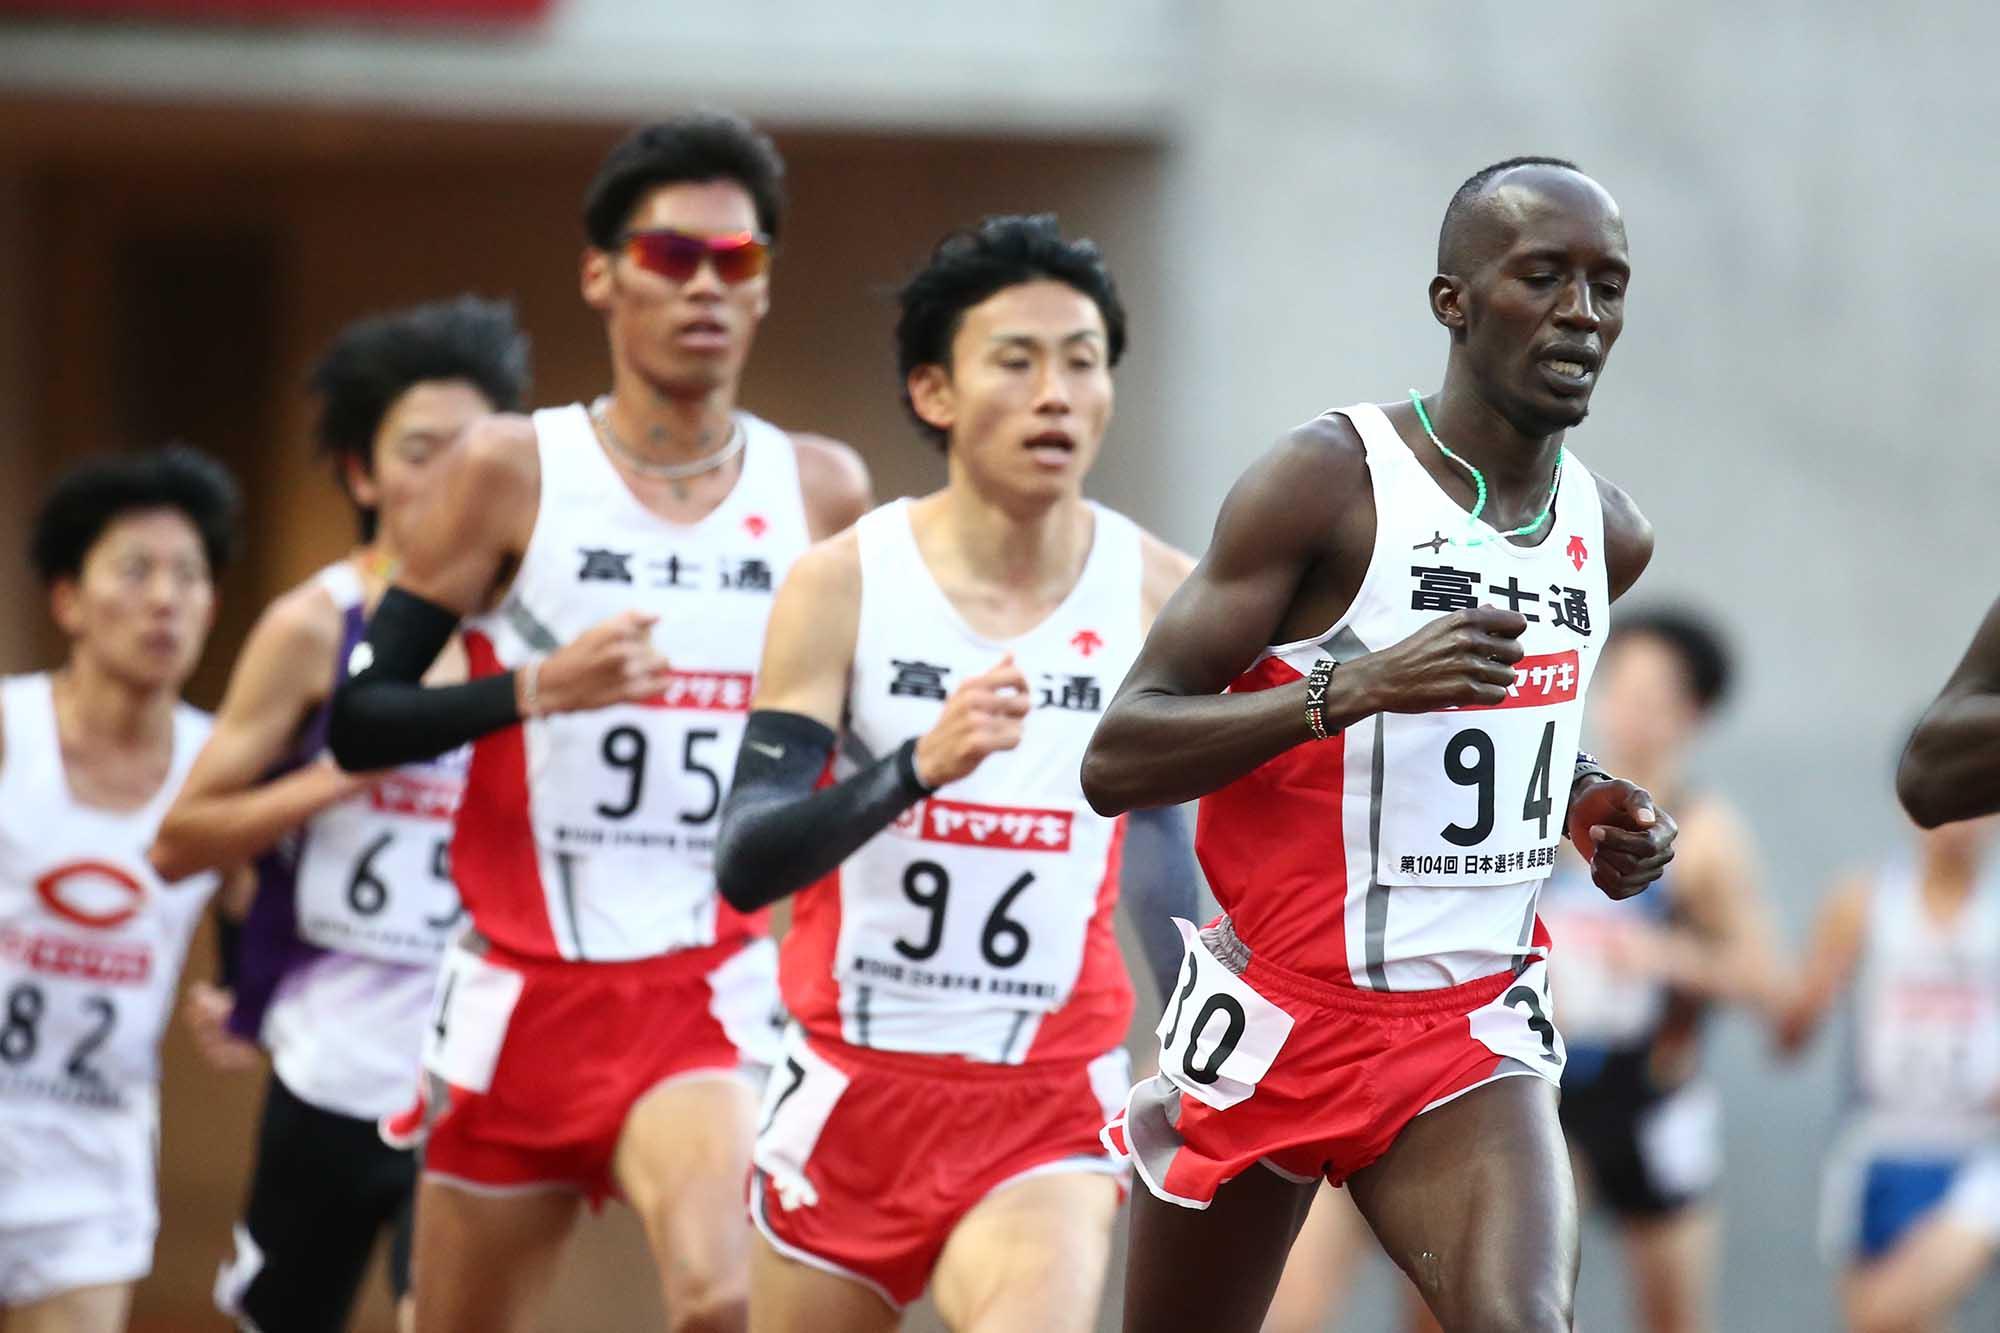 【競技結果】男子5000m決勝